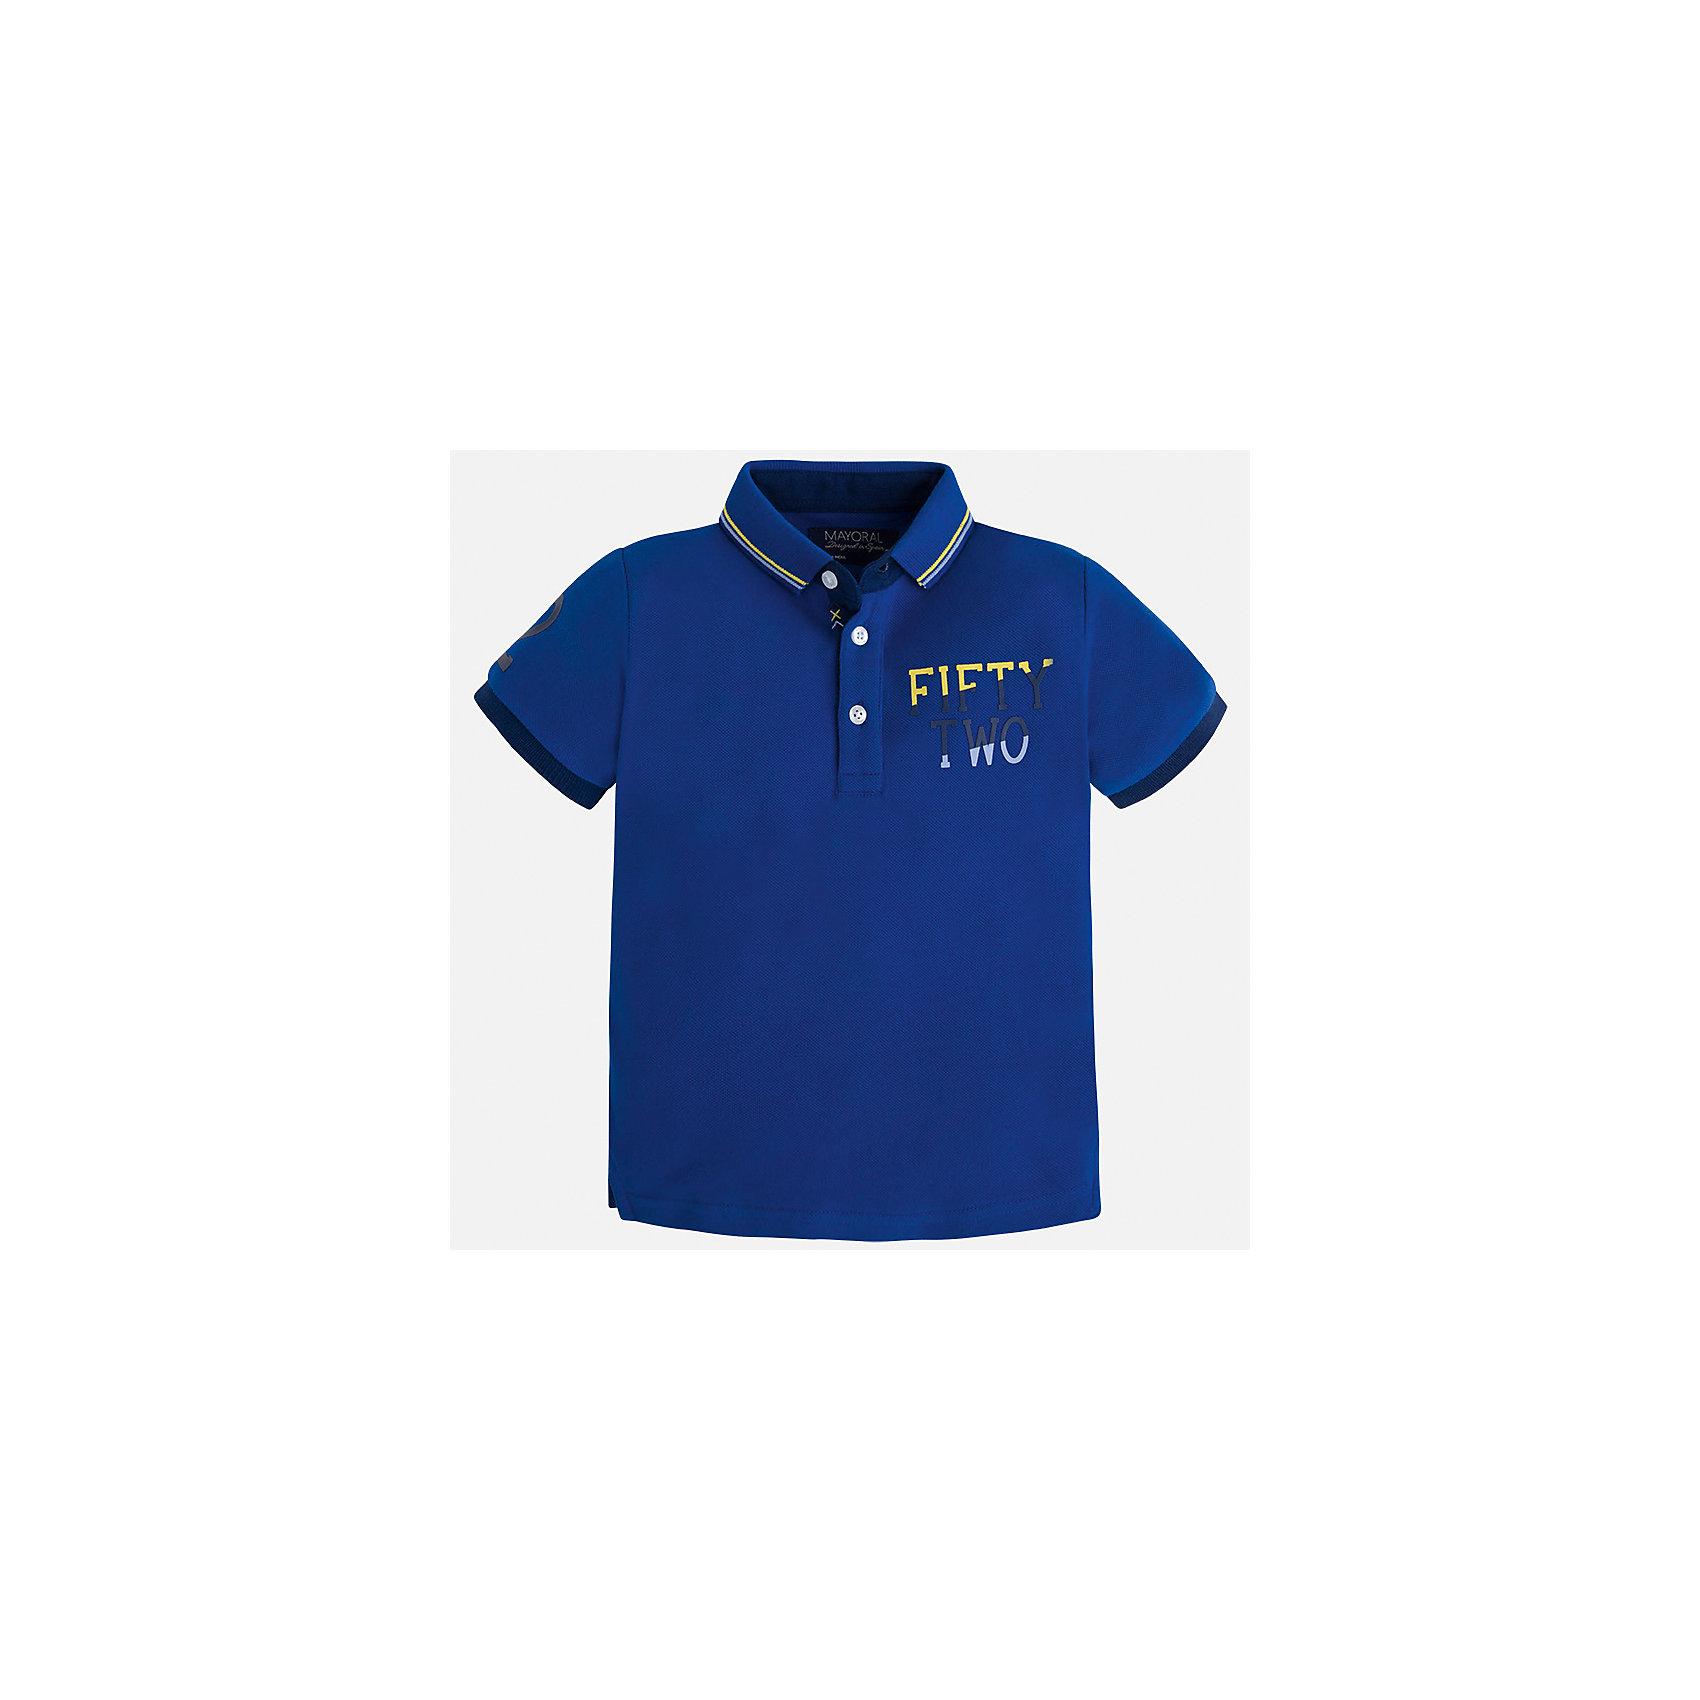 Футболка-поло для мальчика MayoralФутболки, поло и топы<br>Характеристики товара:<br><br>• цвет: синий<br>• состав: 100% хлопок<br>• отложной воротник<br>• короткие рукава<br>• застежка: пуговицы<br>• декорирована принтом<br>• страна бренда: Испания<br><br>Стильная футболка-поло для мальчика может стать базовой вещью в гардеробе ребенка. Она отлично сочетается с брюками, шортами, джинсами и т.д. Универсальный крой и цвет позволяет подобрать к вещи низ разных расцветок. Практичное и стильное изделие! В составе материала - только натуральный хлопок, гипоаллергенный, приятный на ощупь, дышащий.<br><br>Одежда, обувь и аксессуары от испанского бренда Mayoral полюбились детям и взрослым по всему миру. Модели этой марки - стильные и удобные. Для их производства используются только безопасные, качественные материалы и фурнитура. Порадуйте ребенка модными и красивыми вещами от Mayoral! <br><br>Футболку-поло для мальчика от испанского бренда Mayoral (Майорал) можно купить в нашем интернет-магазине.<br><br>Ширина мм: 230<br>Глубина мм: 40<br>Высота мм: 220<br>Вес г: 250<br>Цвет: голубой<br>Возраст от месяцев: 48<br>Возраст до месяцев: 60<br>Пол: Мужской<br>Возраст: Детский<br>Размер: 110,134,122,98,104,116,128,92<br>SKU: 5271931